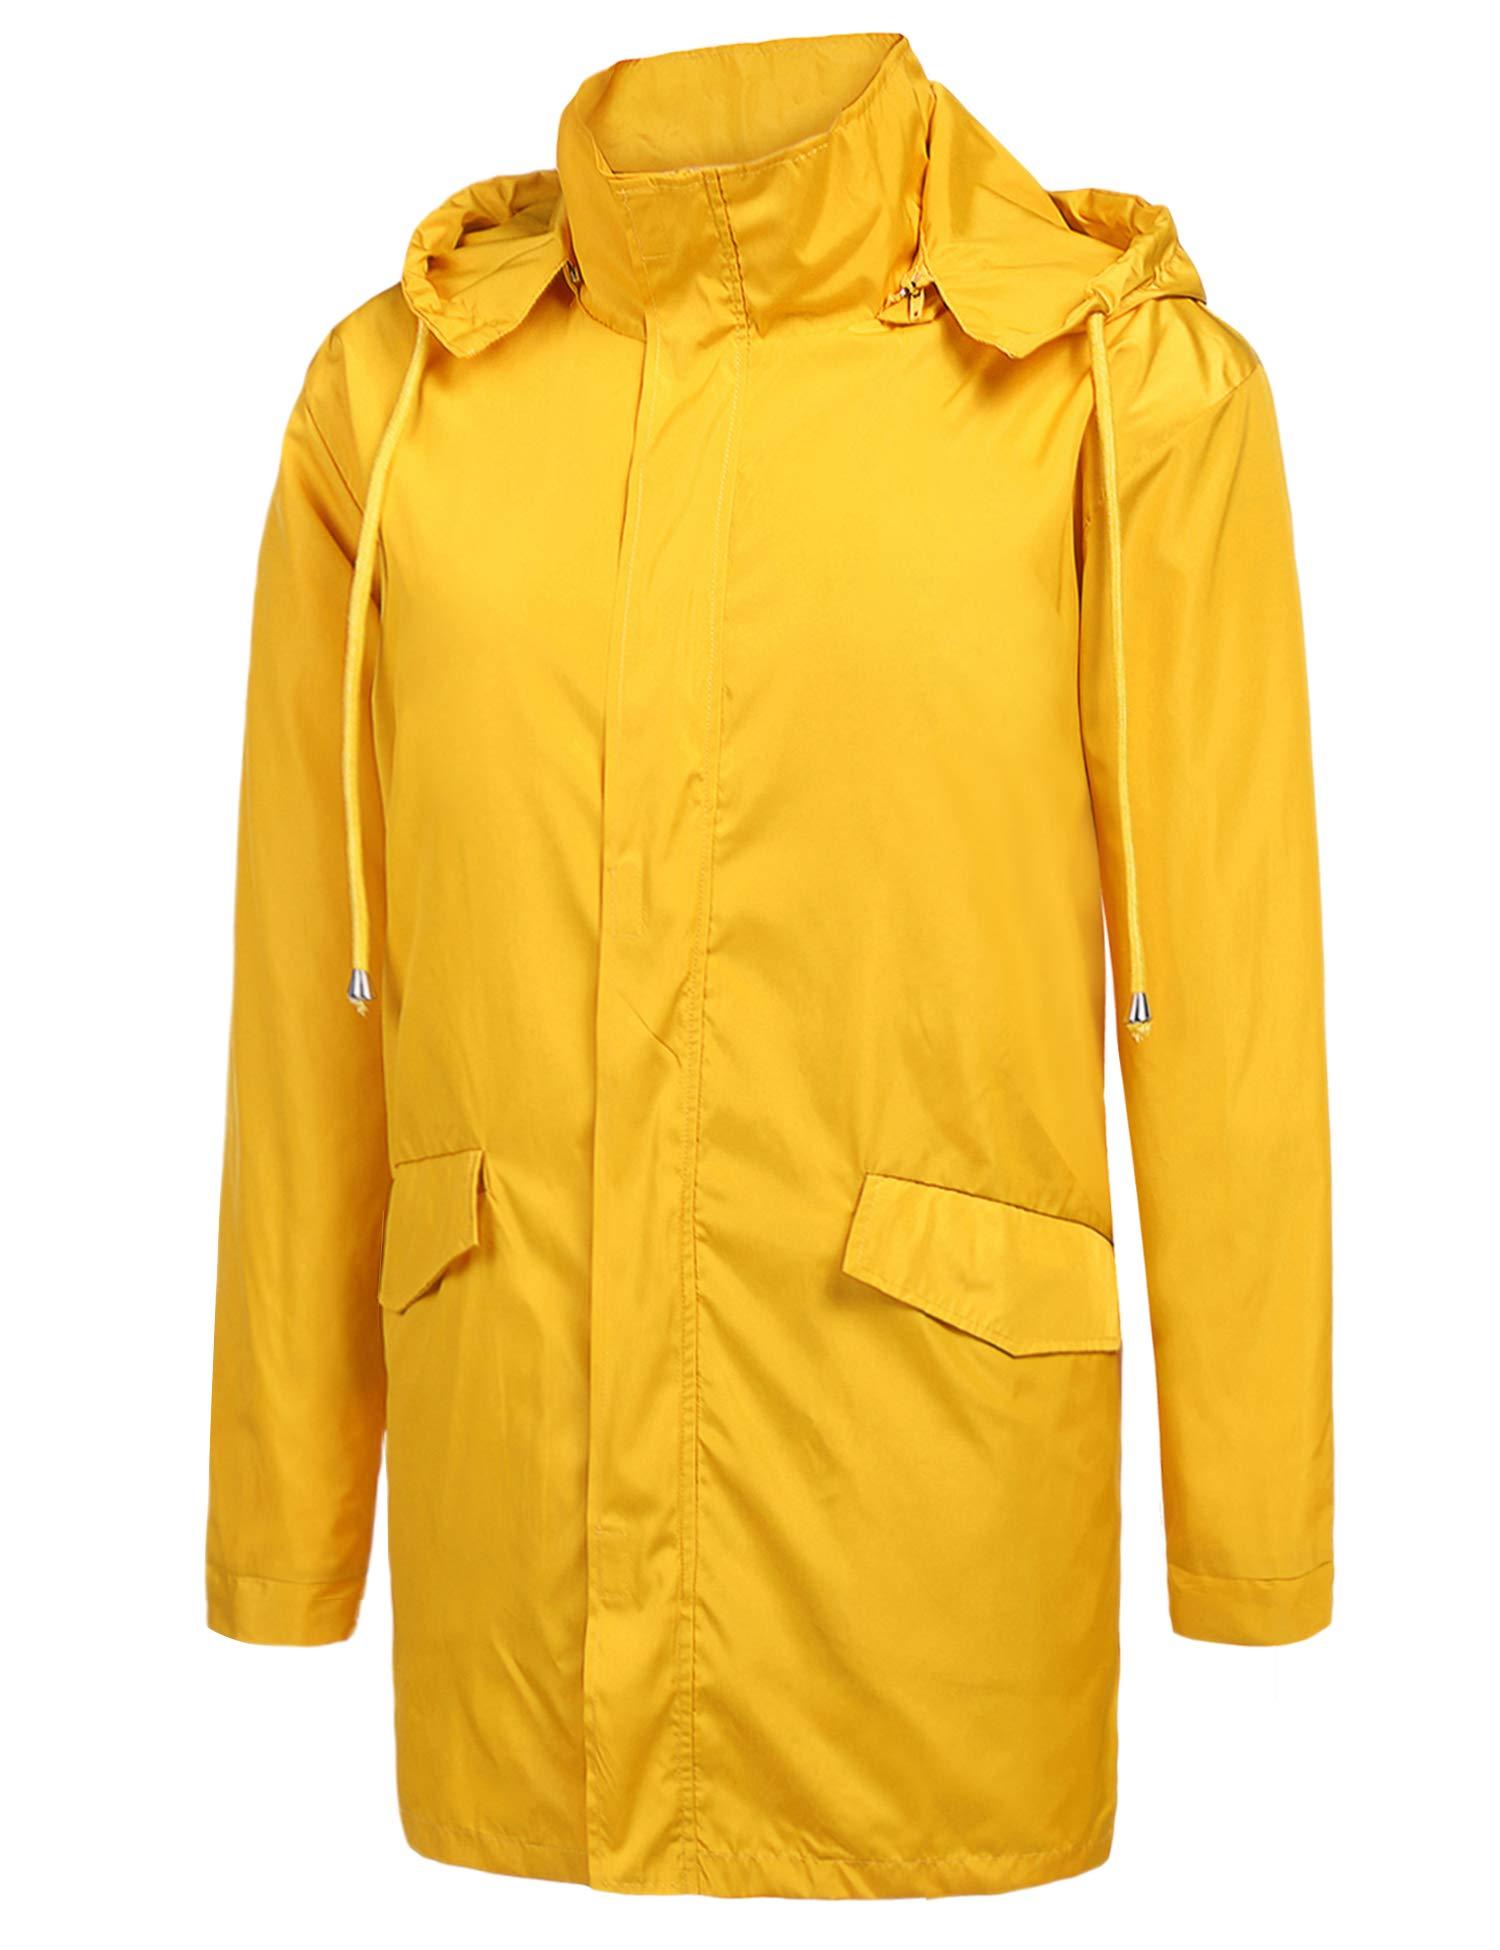 ZEGOLO Men's Raincoats Waterproof Windbreaker Lightweight Active Outdoor Hoodies Long Rain Jacket Trench Coats by ZEGOLO